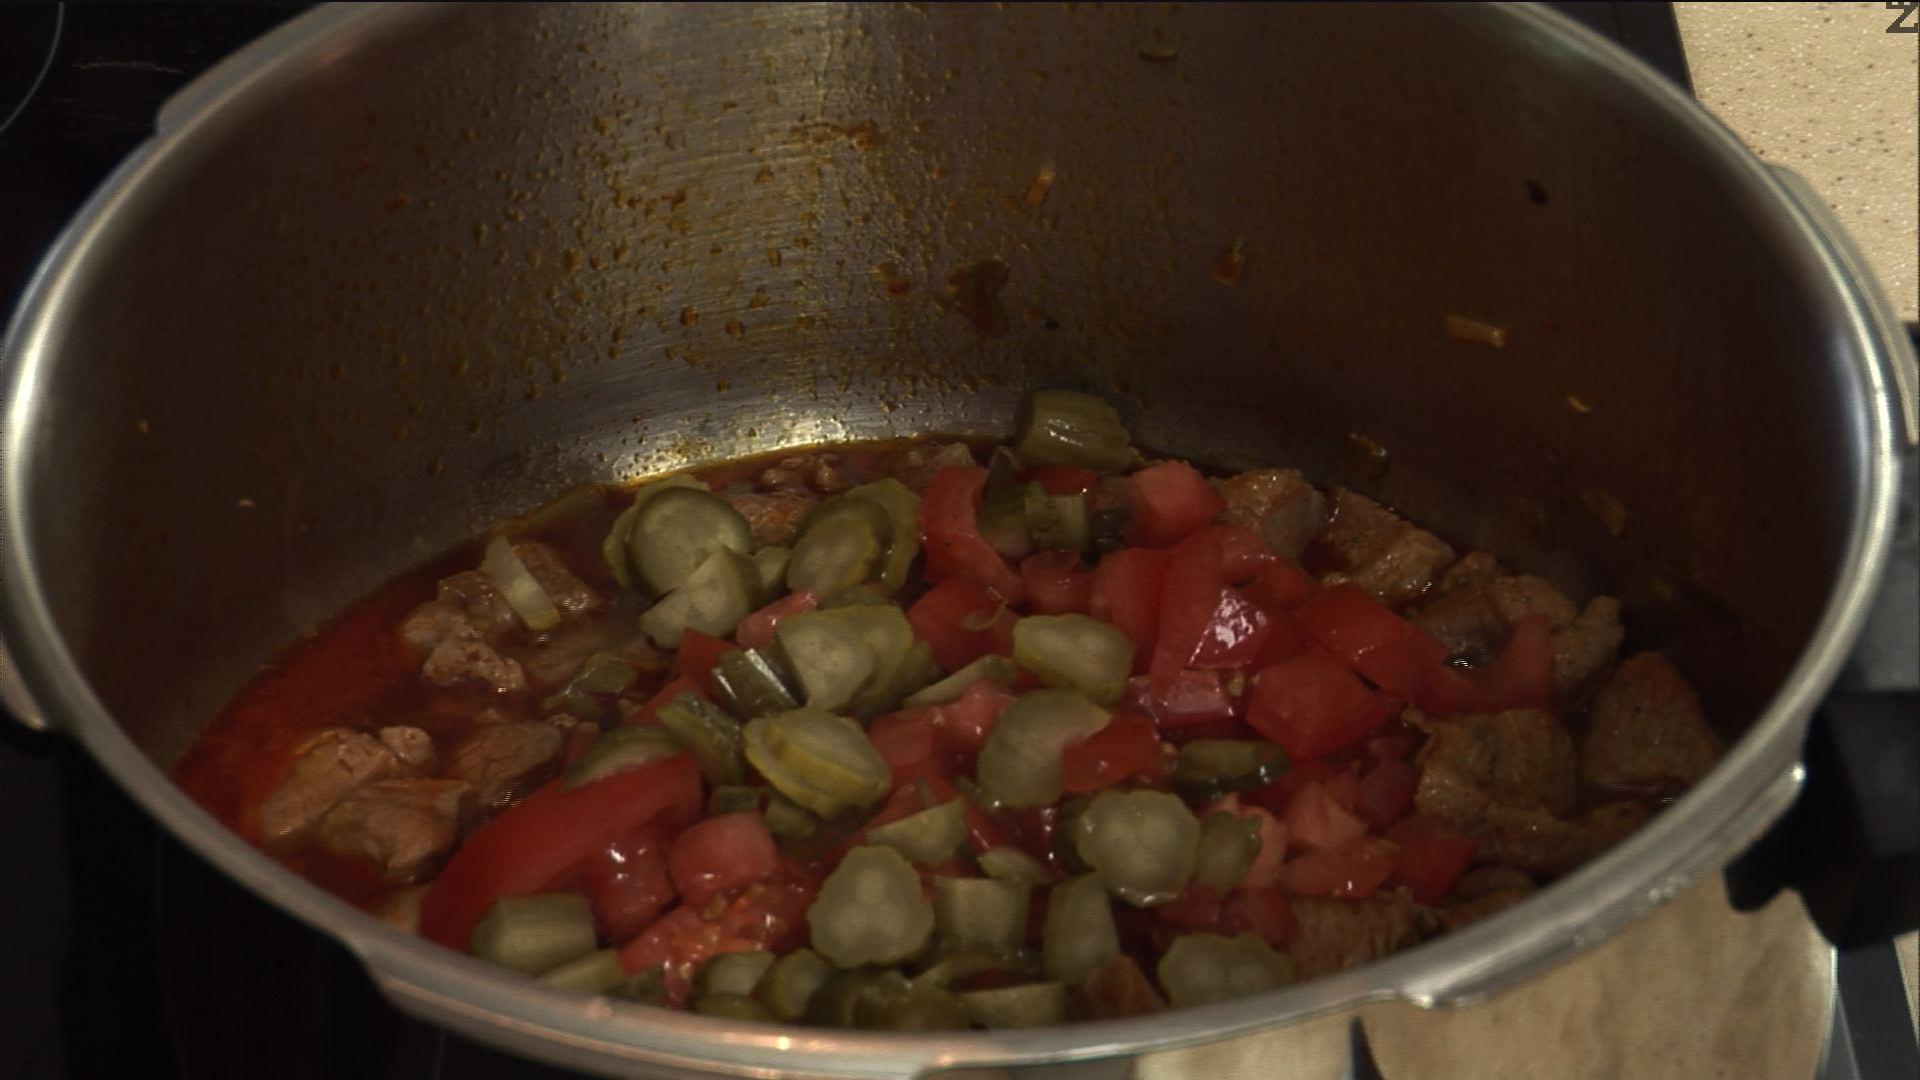 Слагаме ги в тенджерата под налягане, по желание добавяме чубрица и варим още 5 минути.